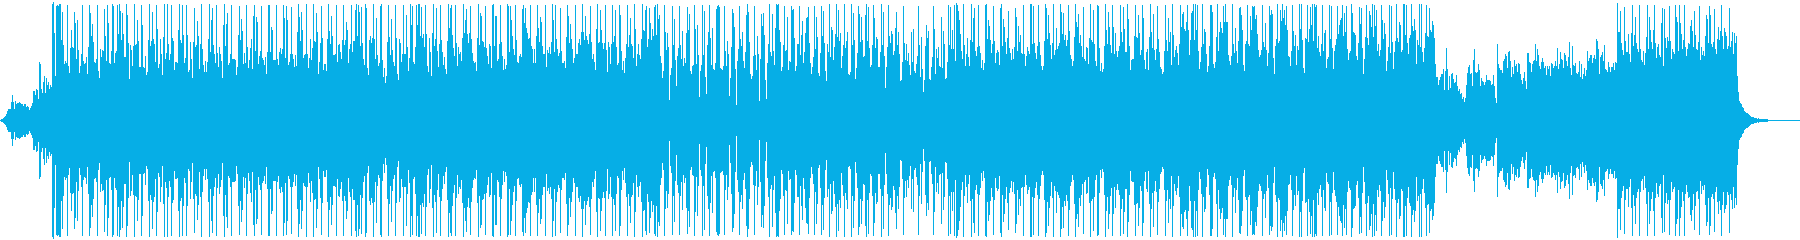 サイバーで重圧感のあるエンドロール用の再生済みの波形